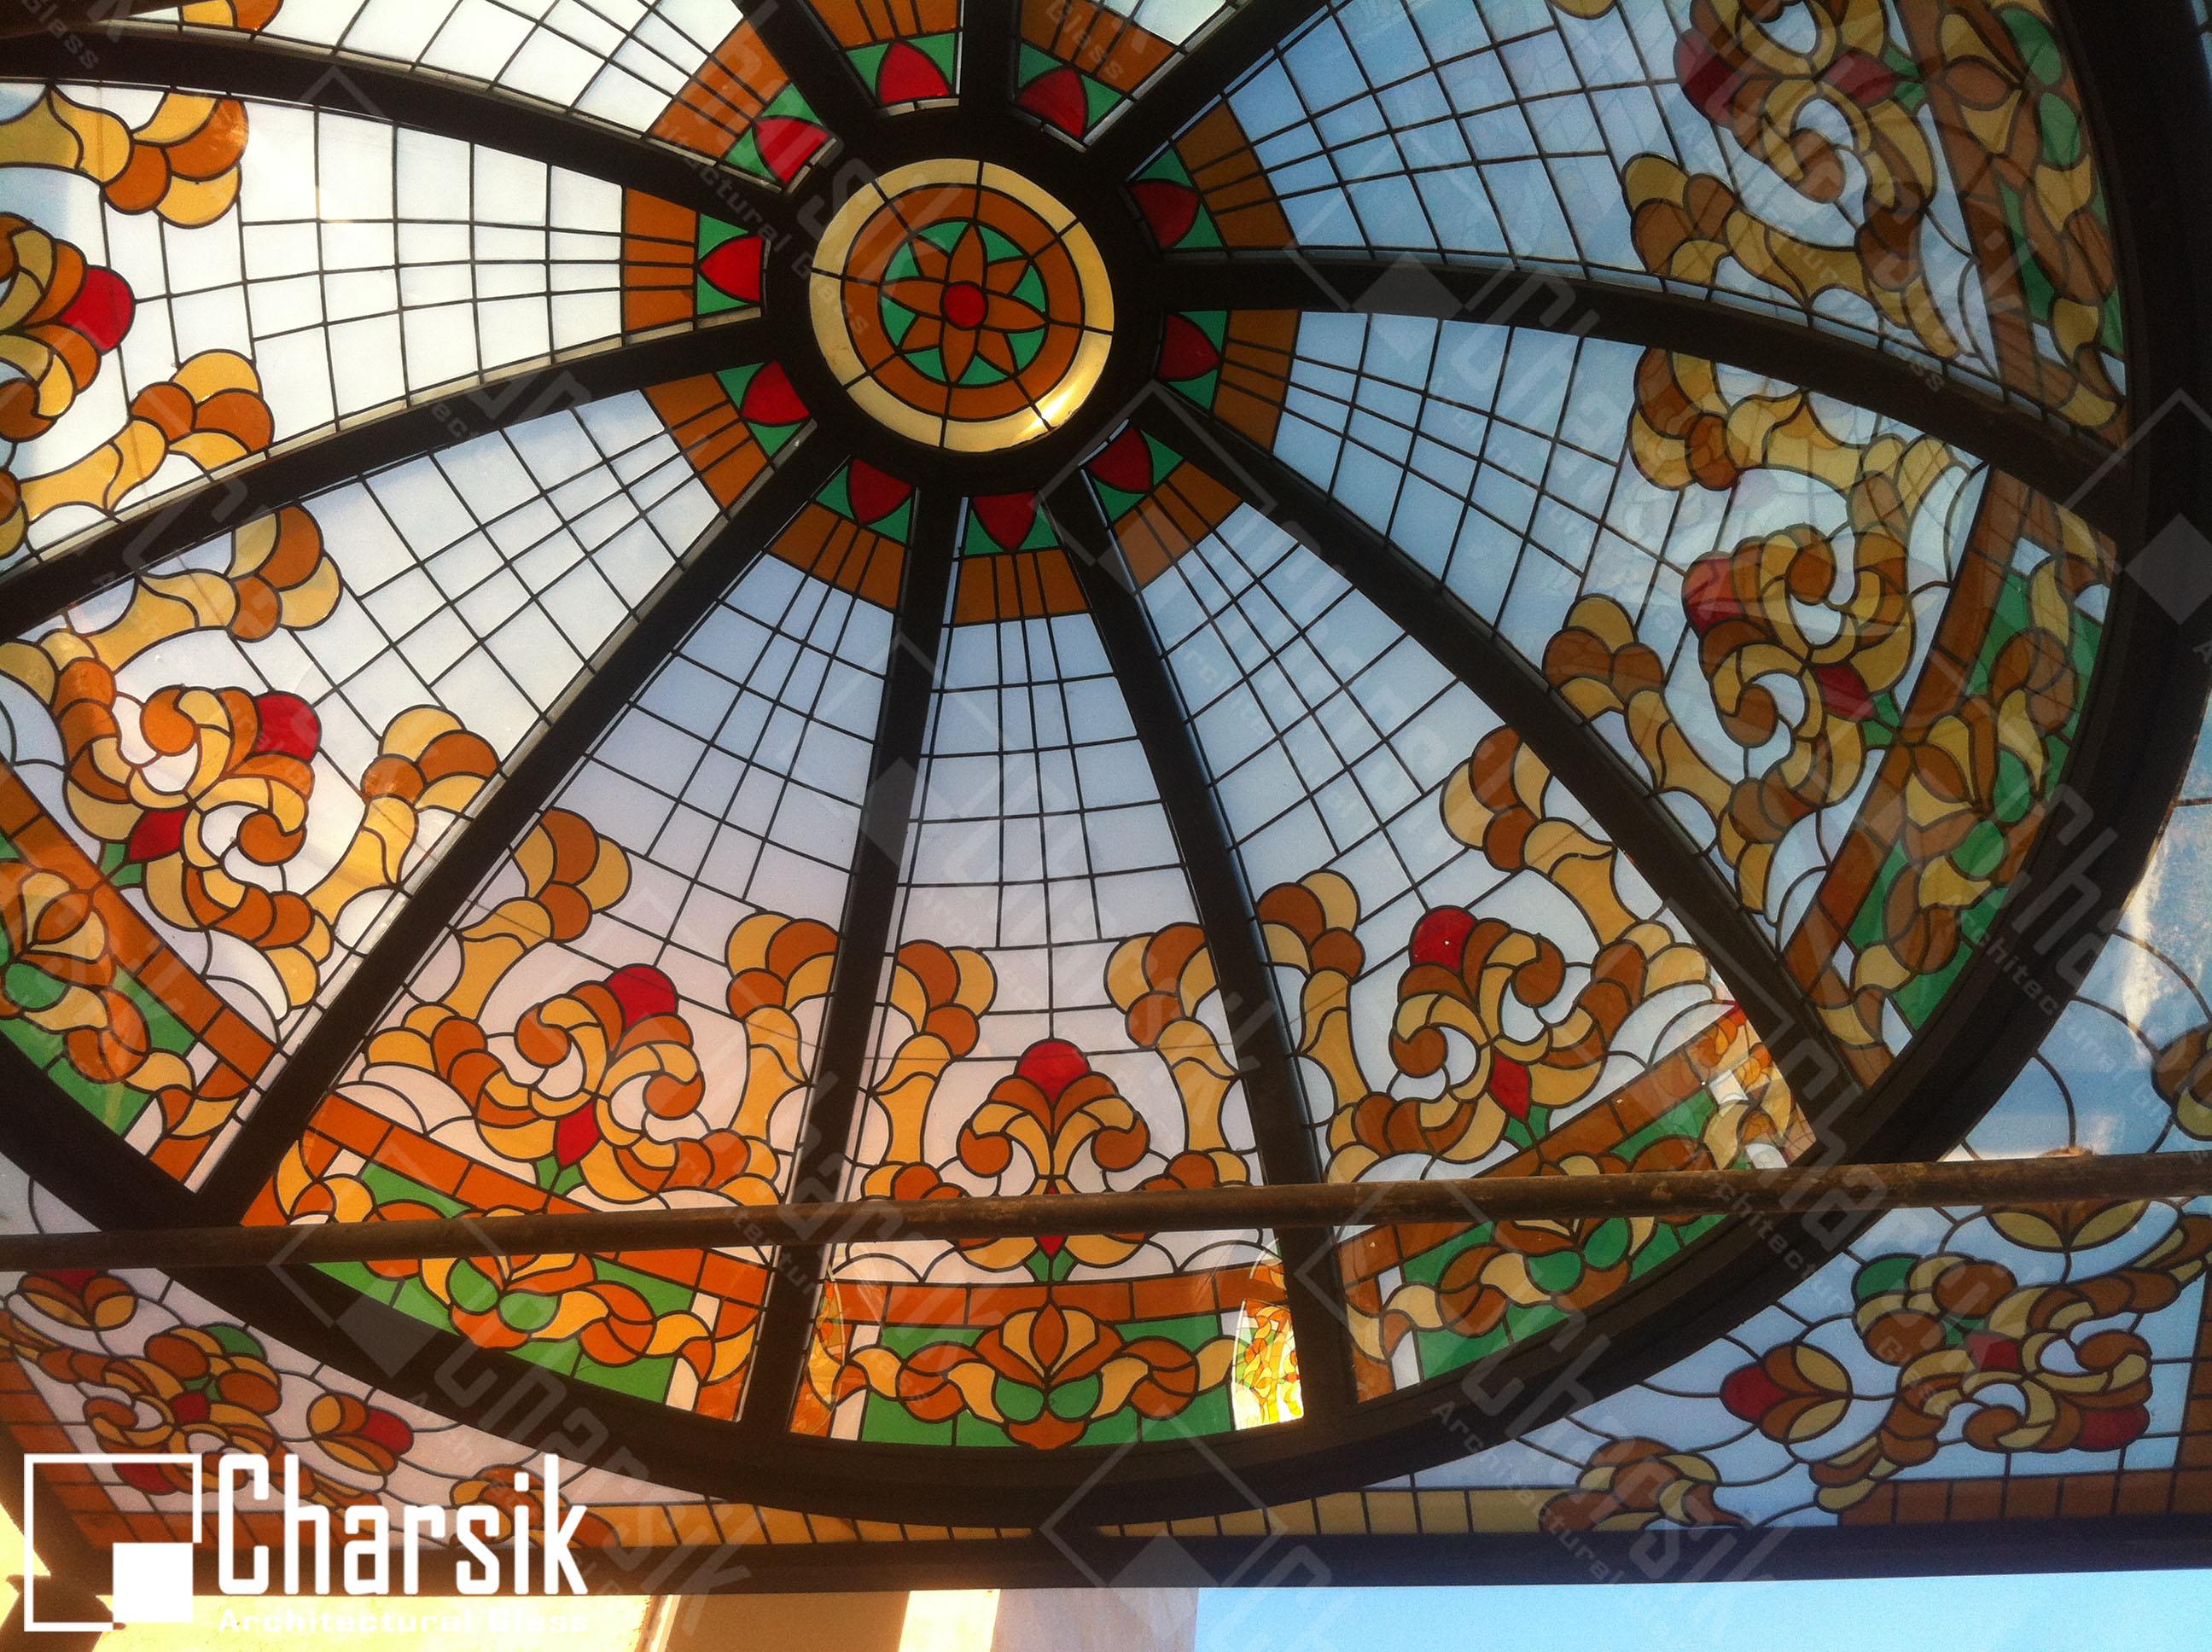 گنبد شیشه ای چارسیک اسفراین